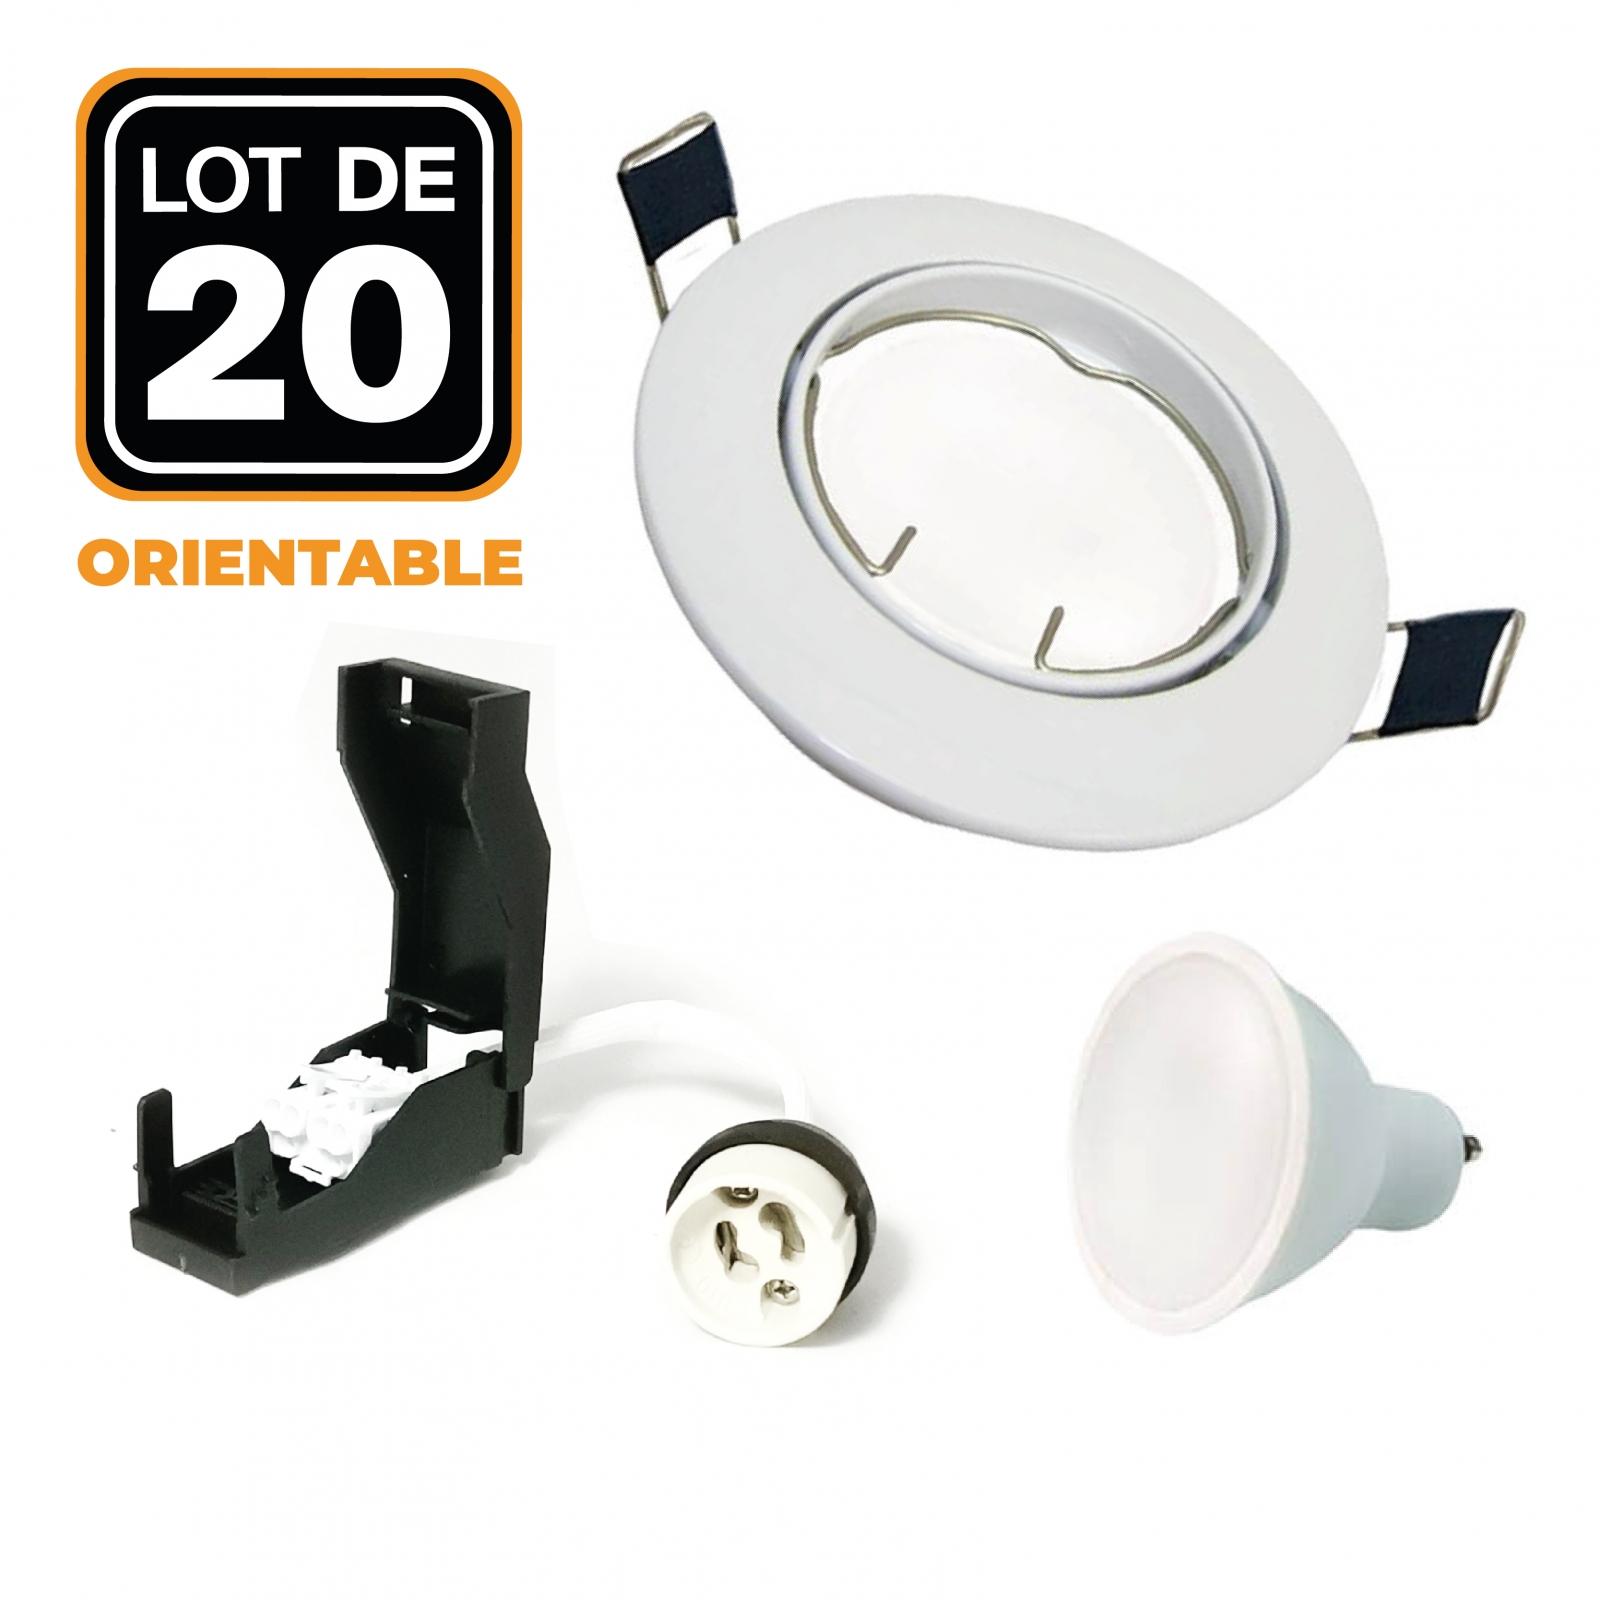 Lot de 20 Spots encastrable orientable BLANC avec GU10 LED de 5W eqv. 40W